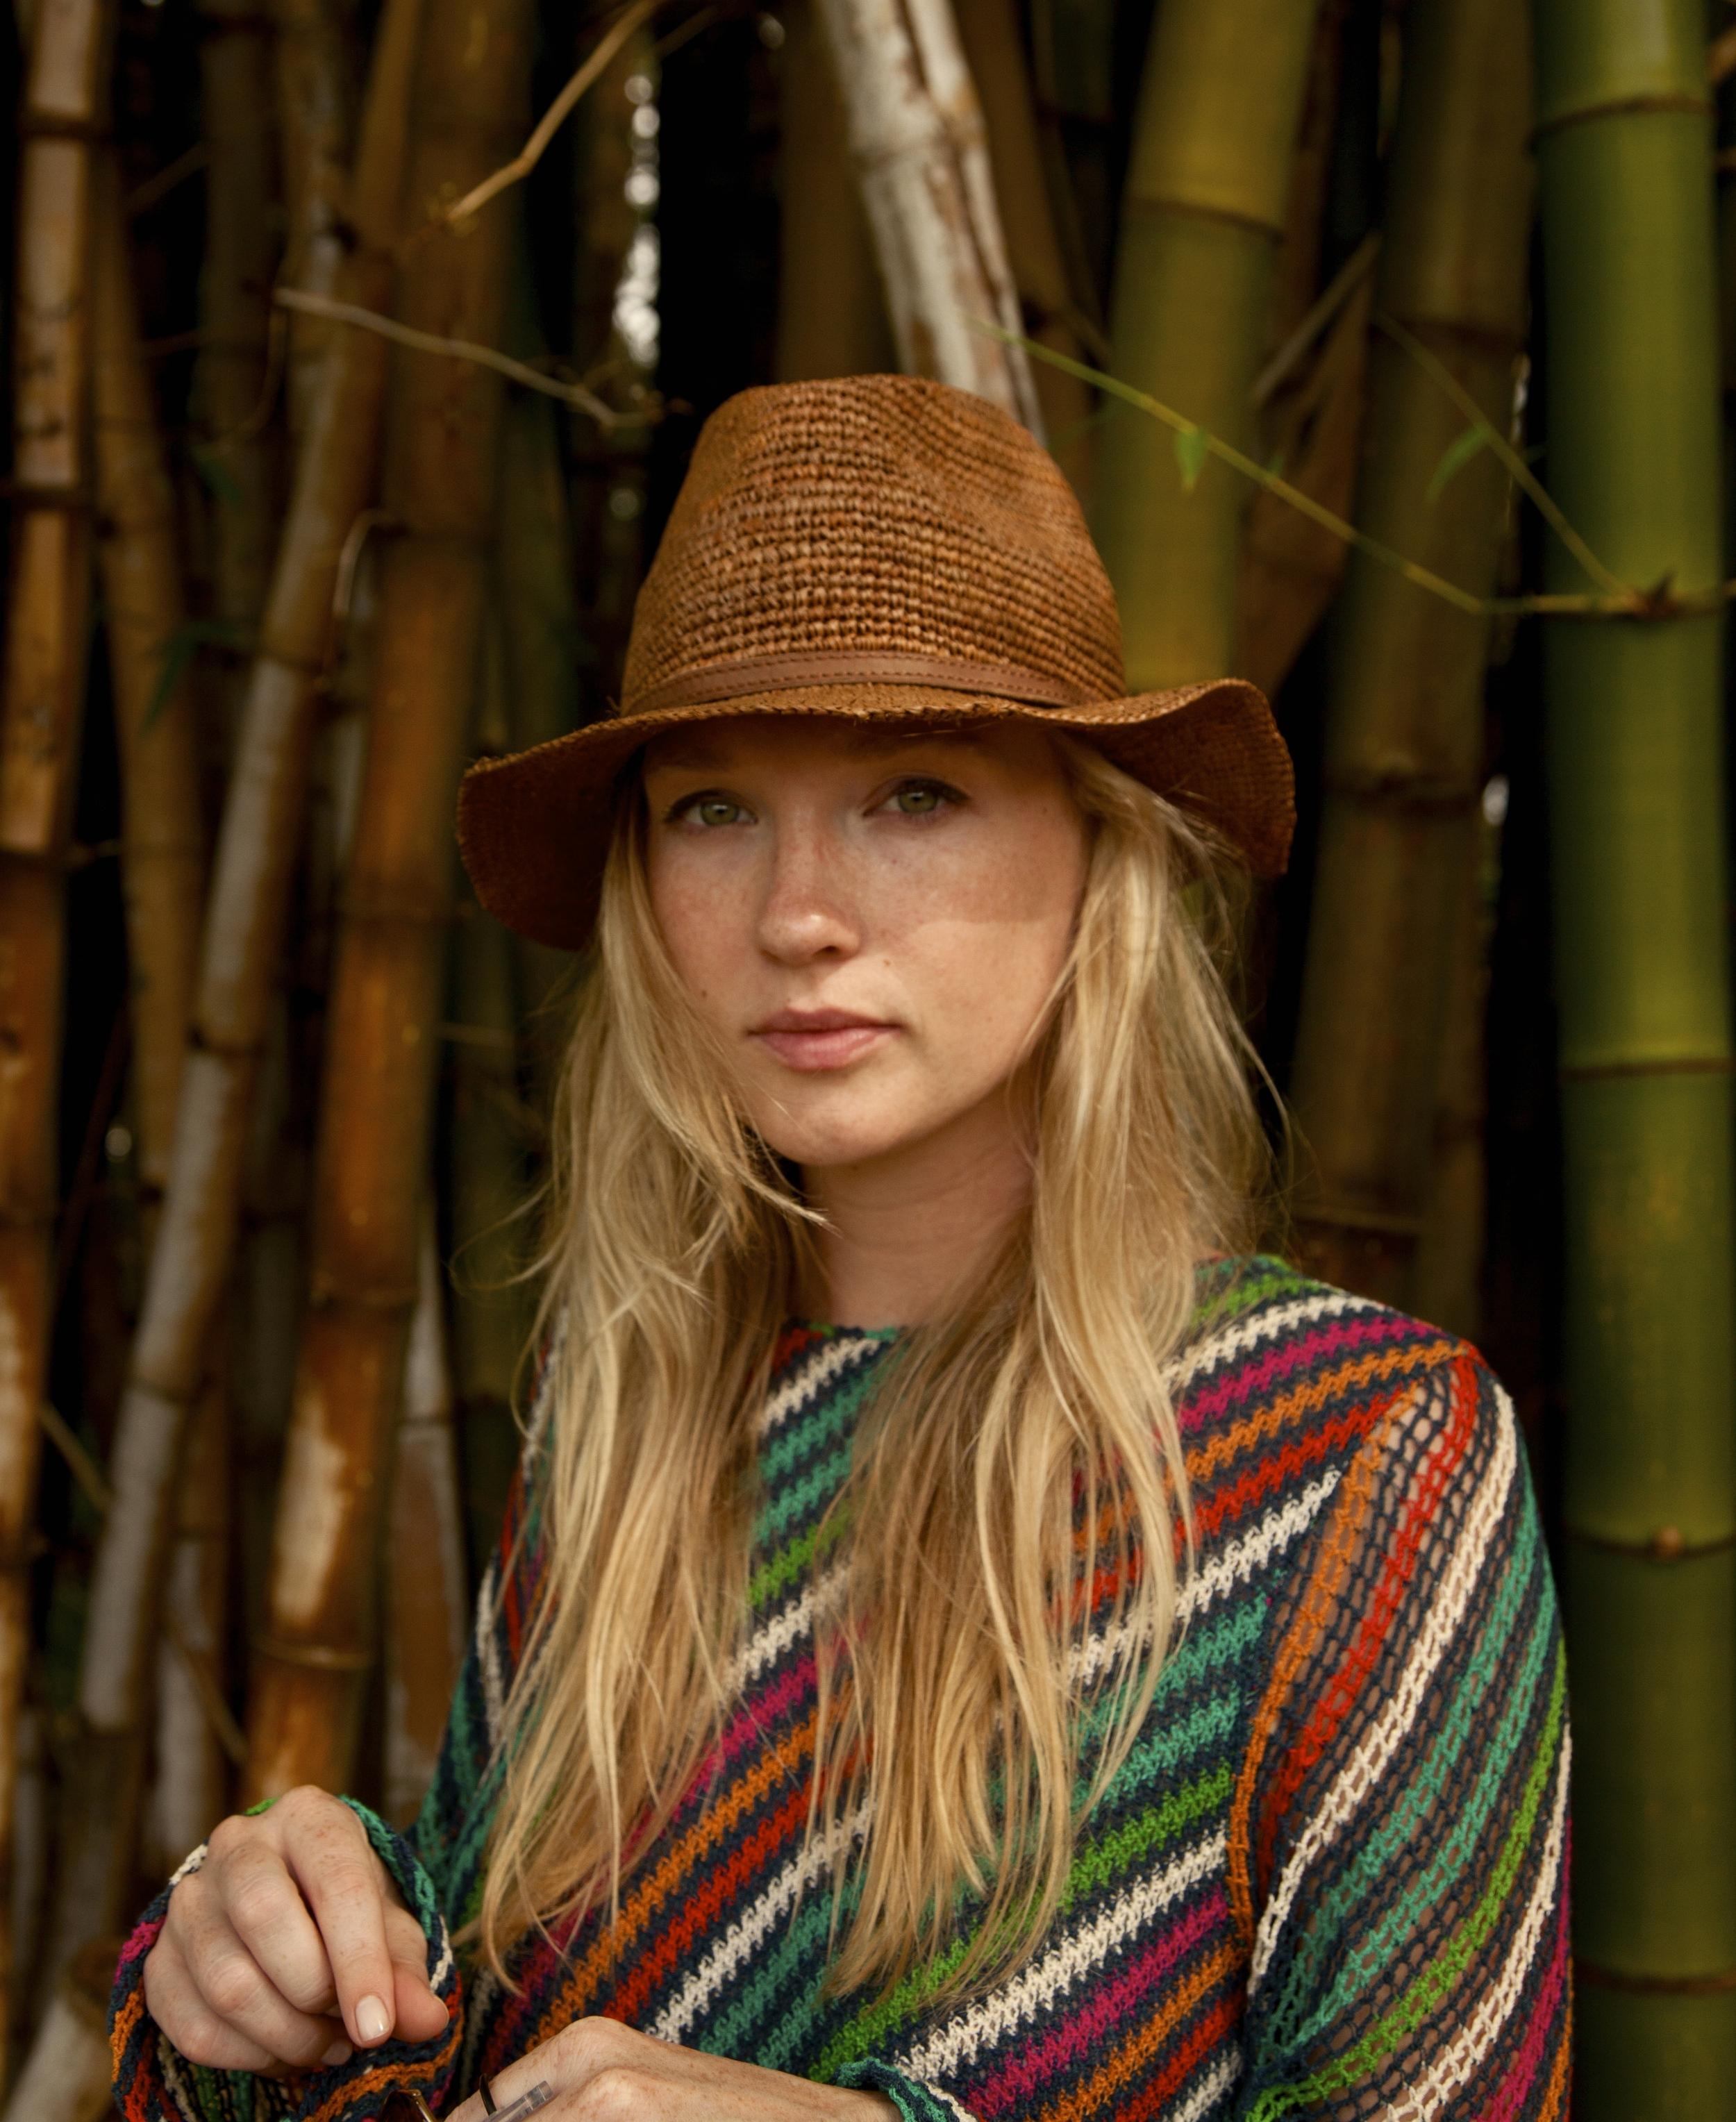 McKenzie Eddy